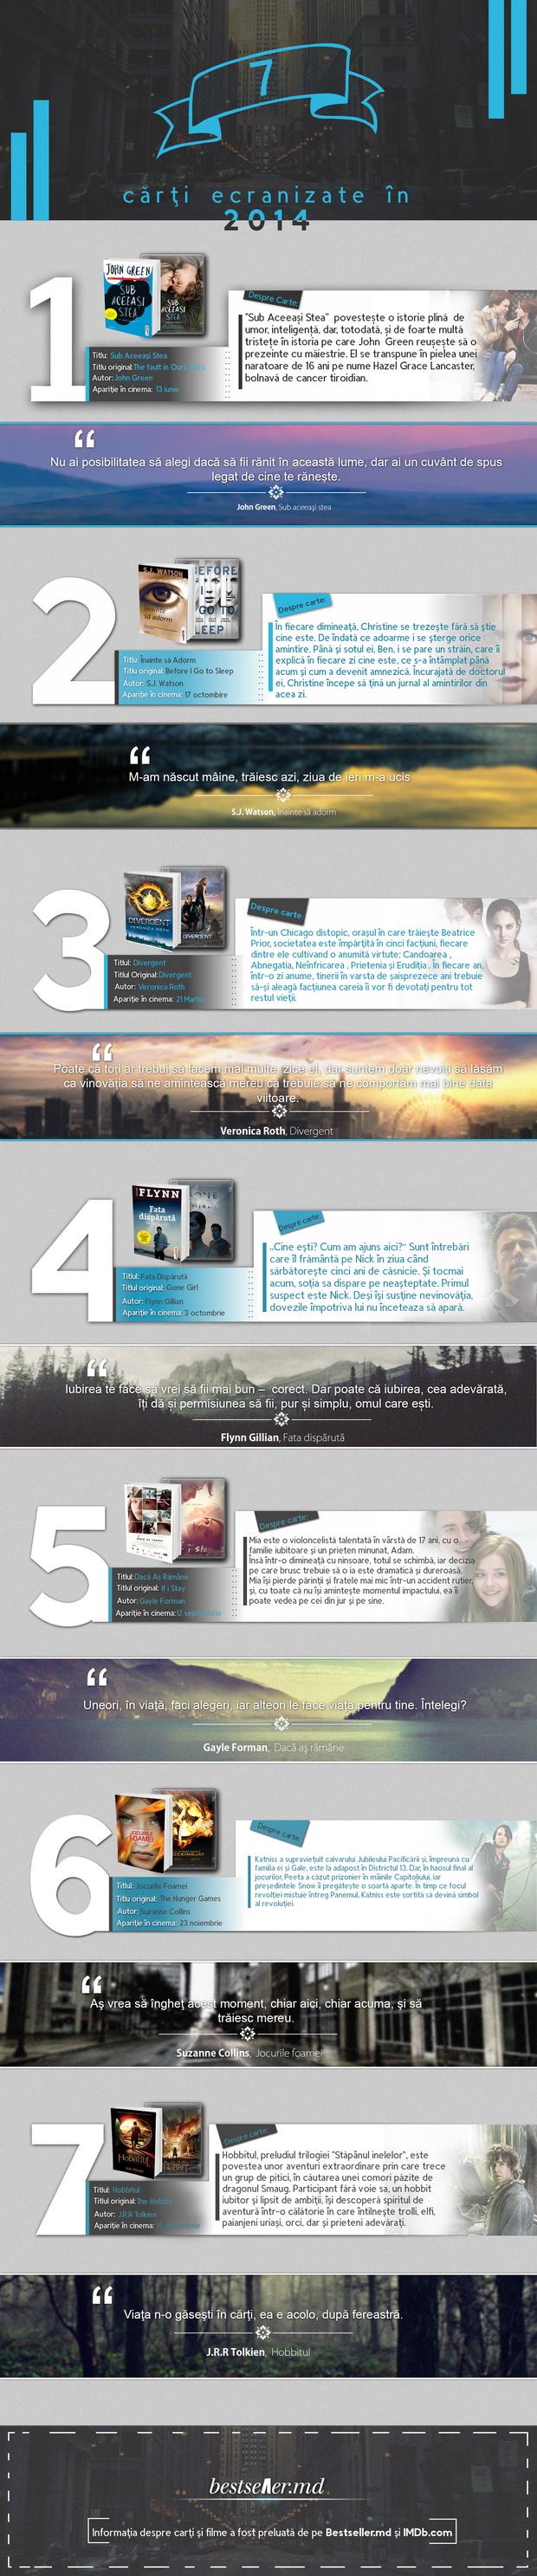 7 cărți ecranizate în 2014 [Infografic]